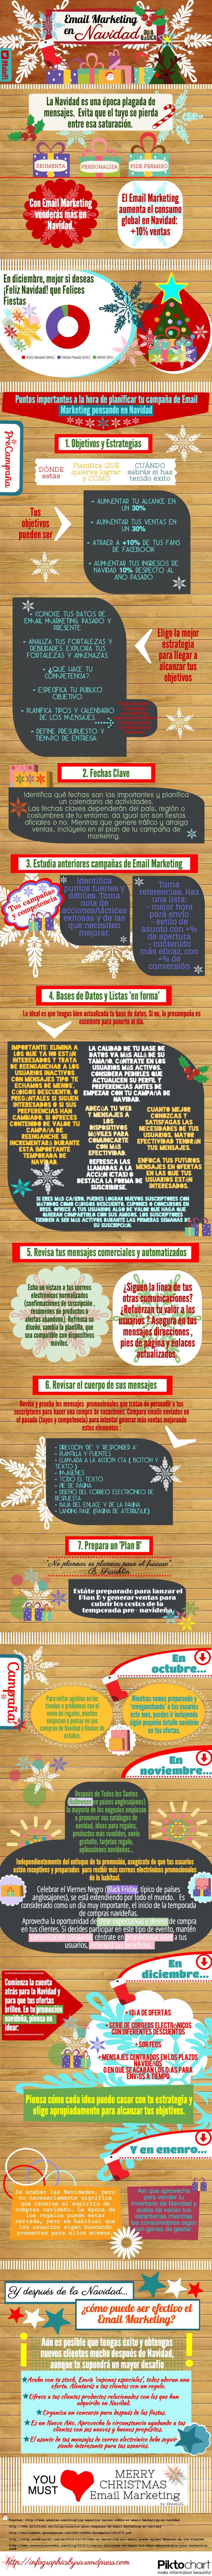 Cómo hacer email marketing en Navidad #emailmarketing